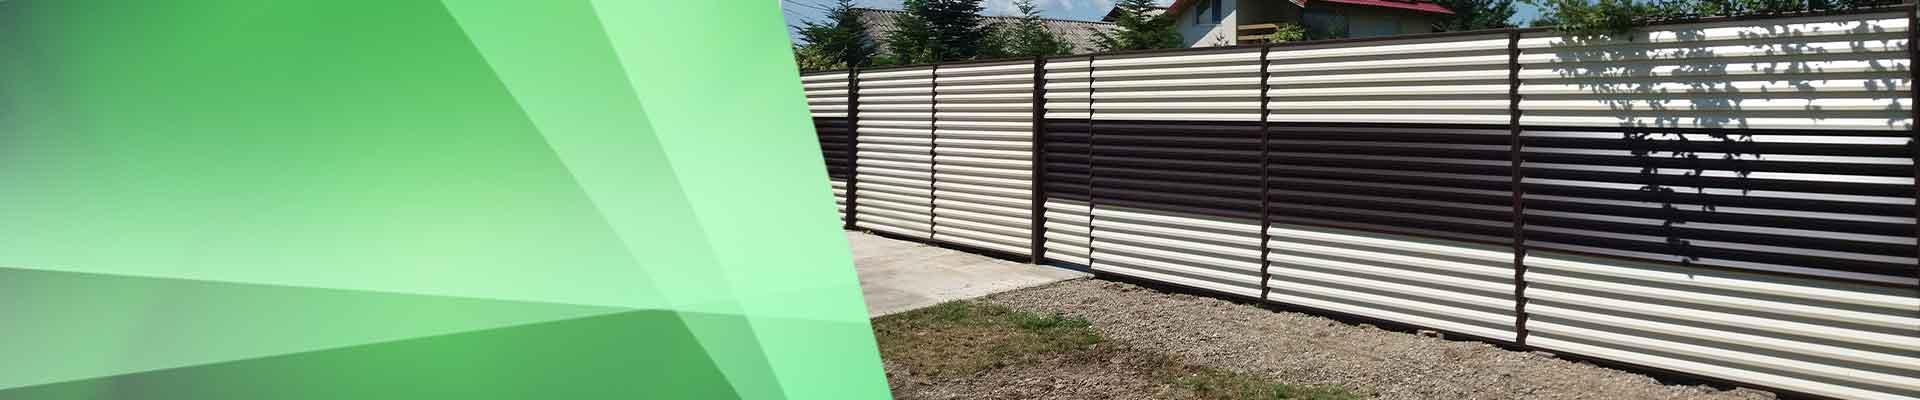 Gard metalic divers colorat